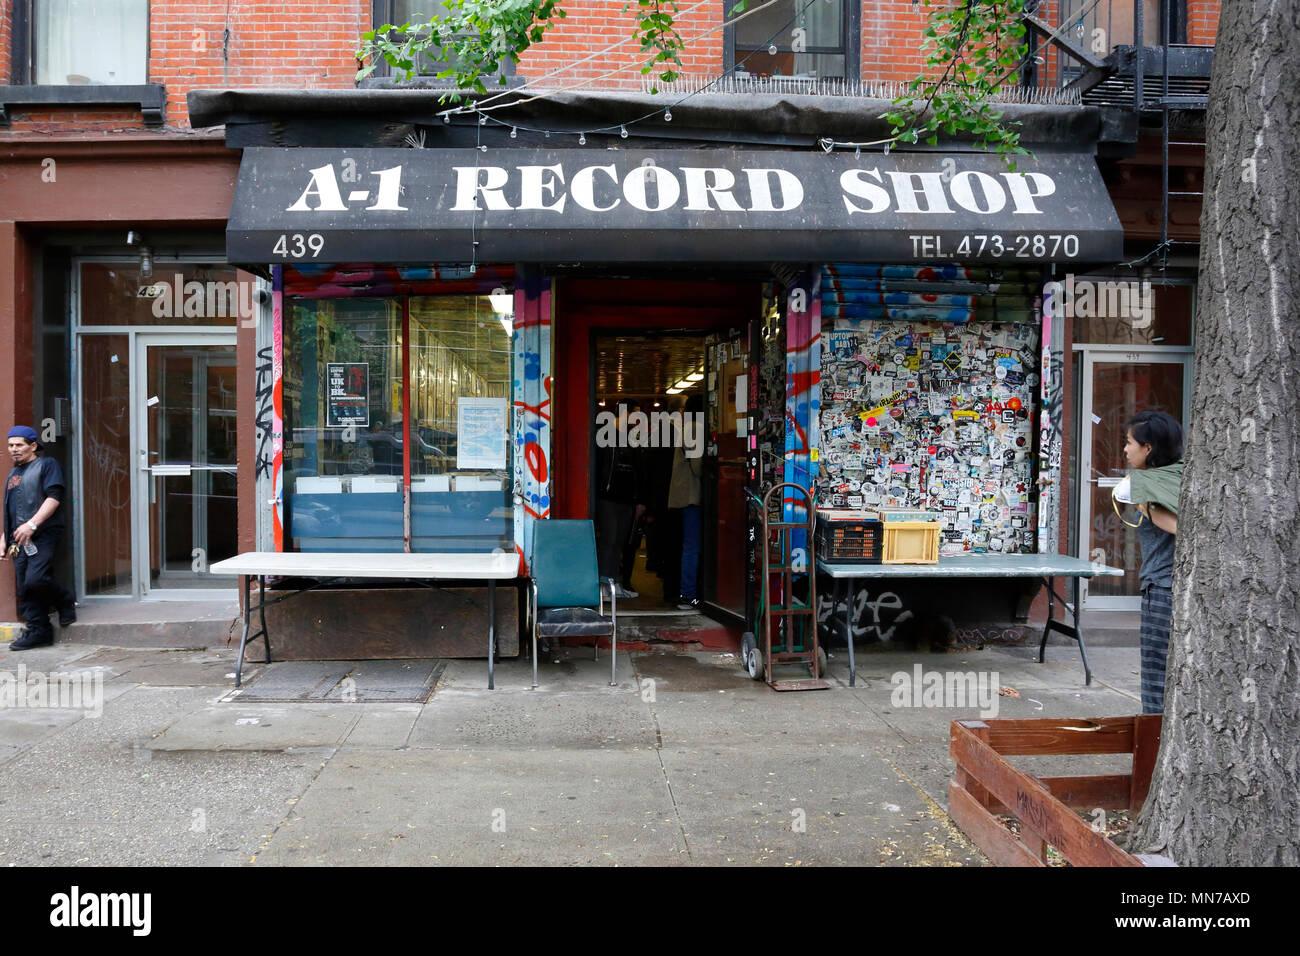 A1 Record Shop, 439 E 6th St, New York, NY - Stock Image